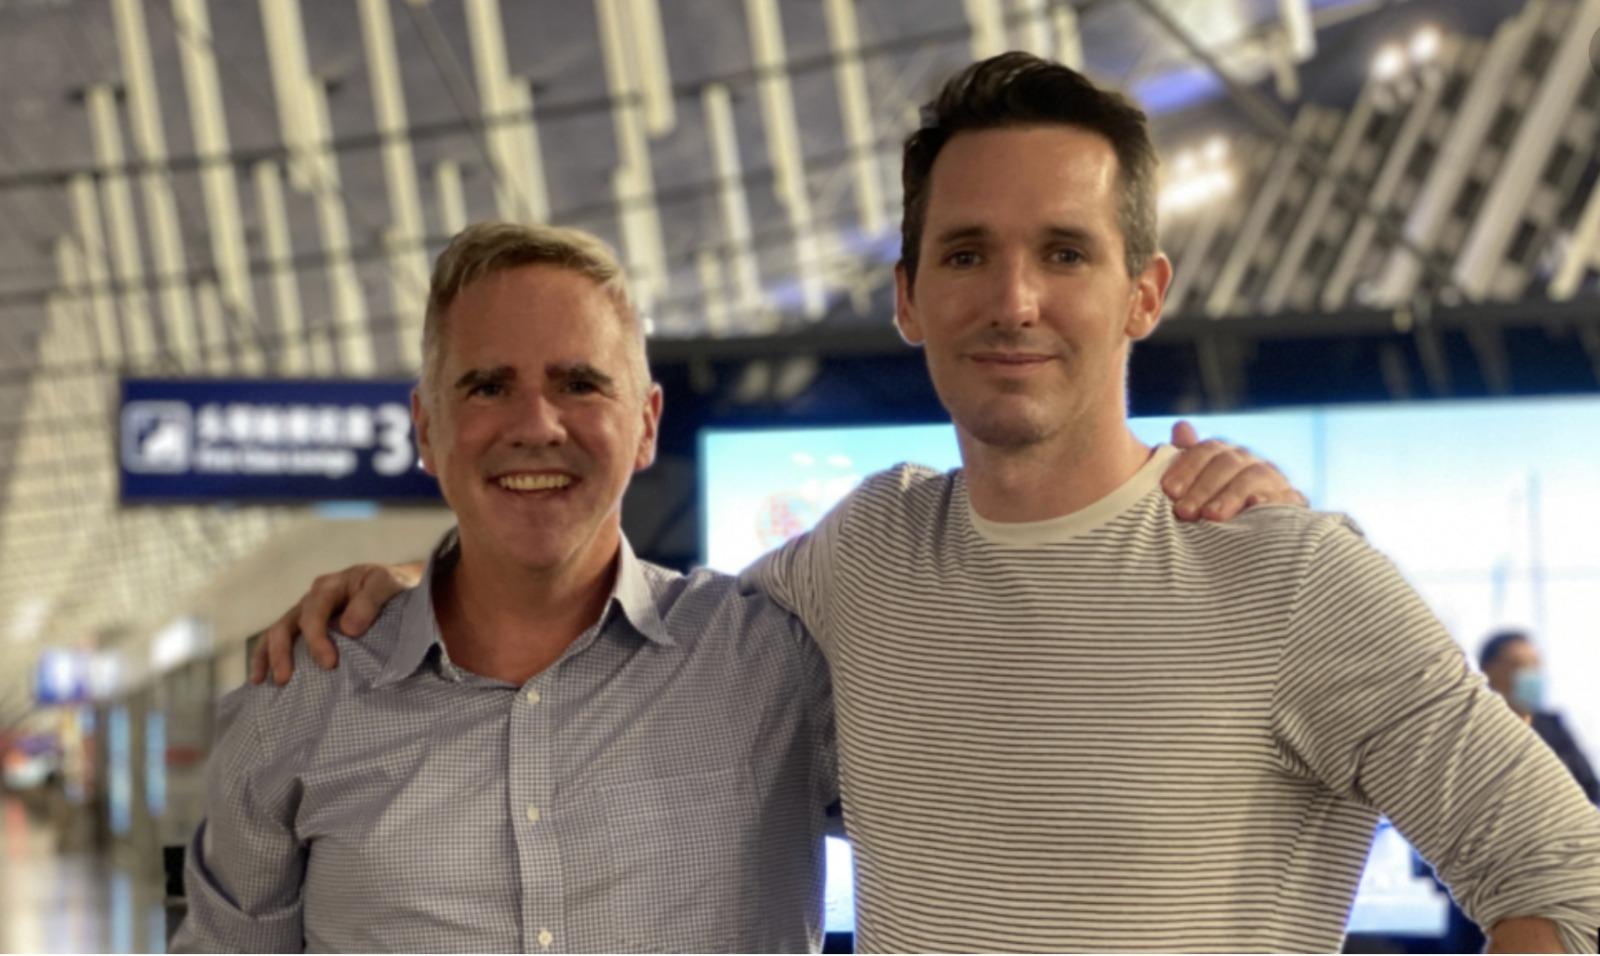 澳廣駐京記者Bill Birtles(右)與澳洲金融評論駐滬記者Michael Smith。(澳廣記者Bill Birtles twitter)